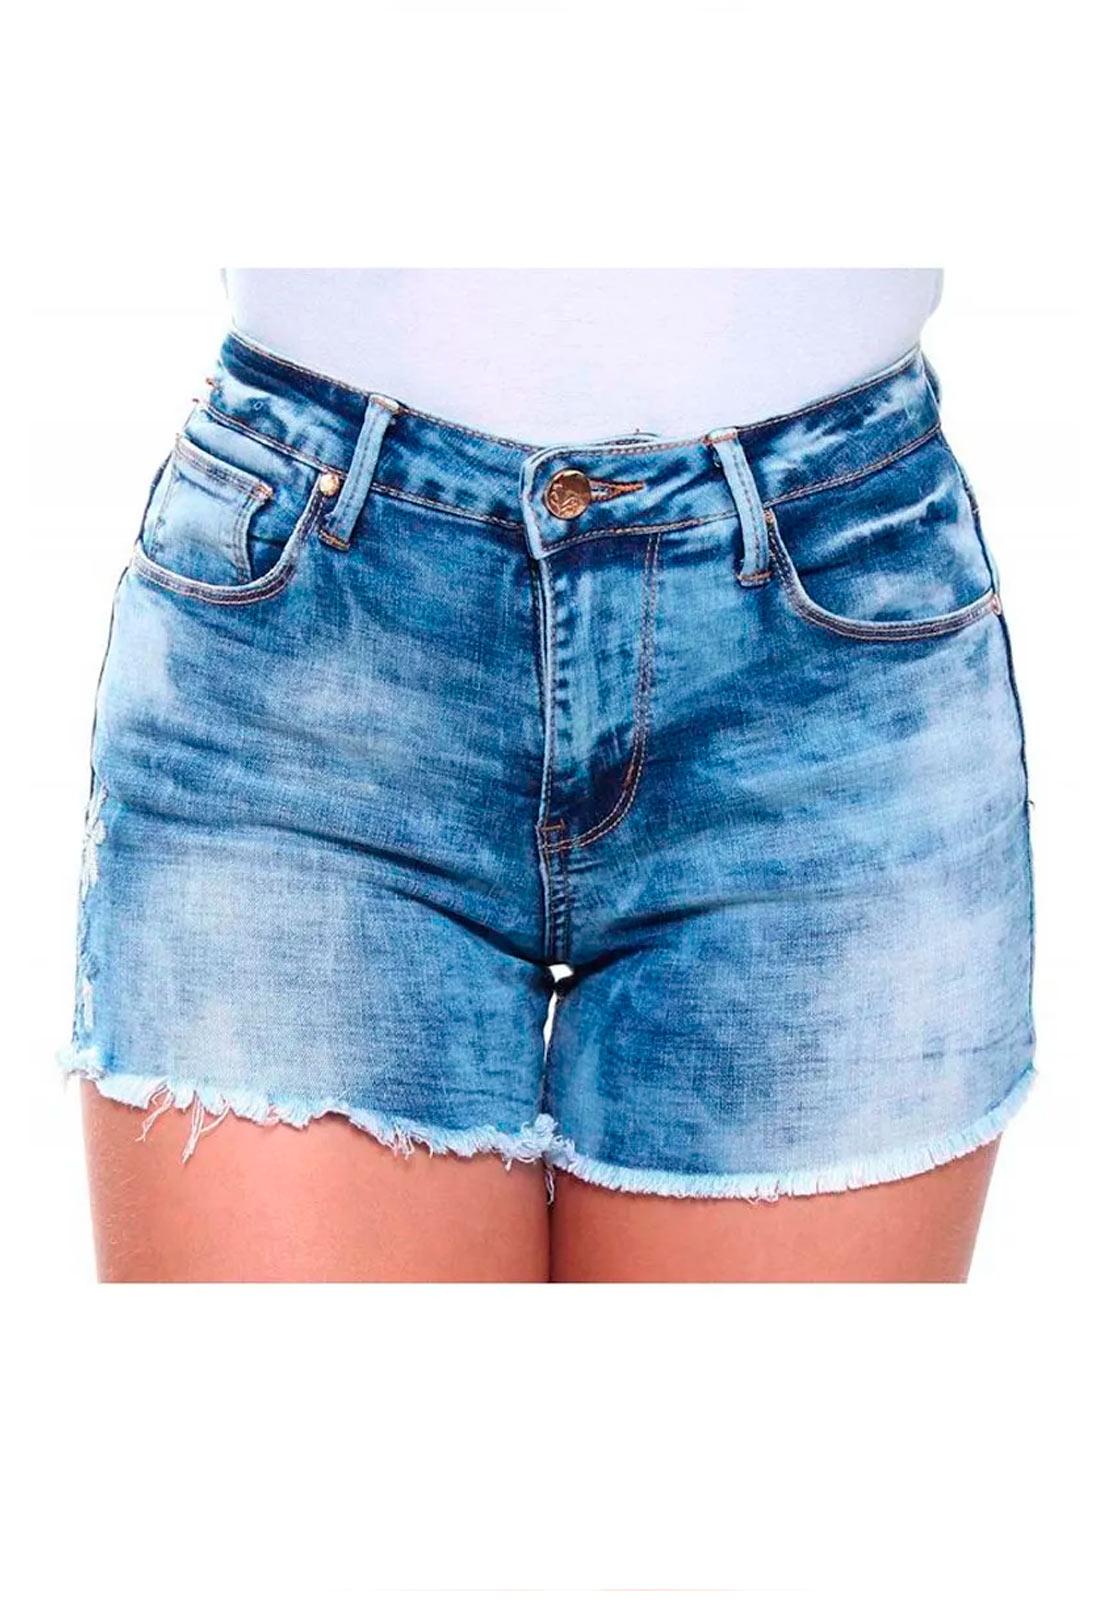 Short Jeans Feminino Curto Bordado Barra Desfiada Slim Crocker - 46475  - CROCKER JEANS